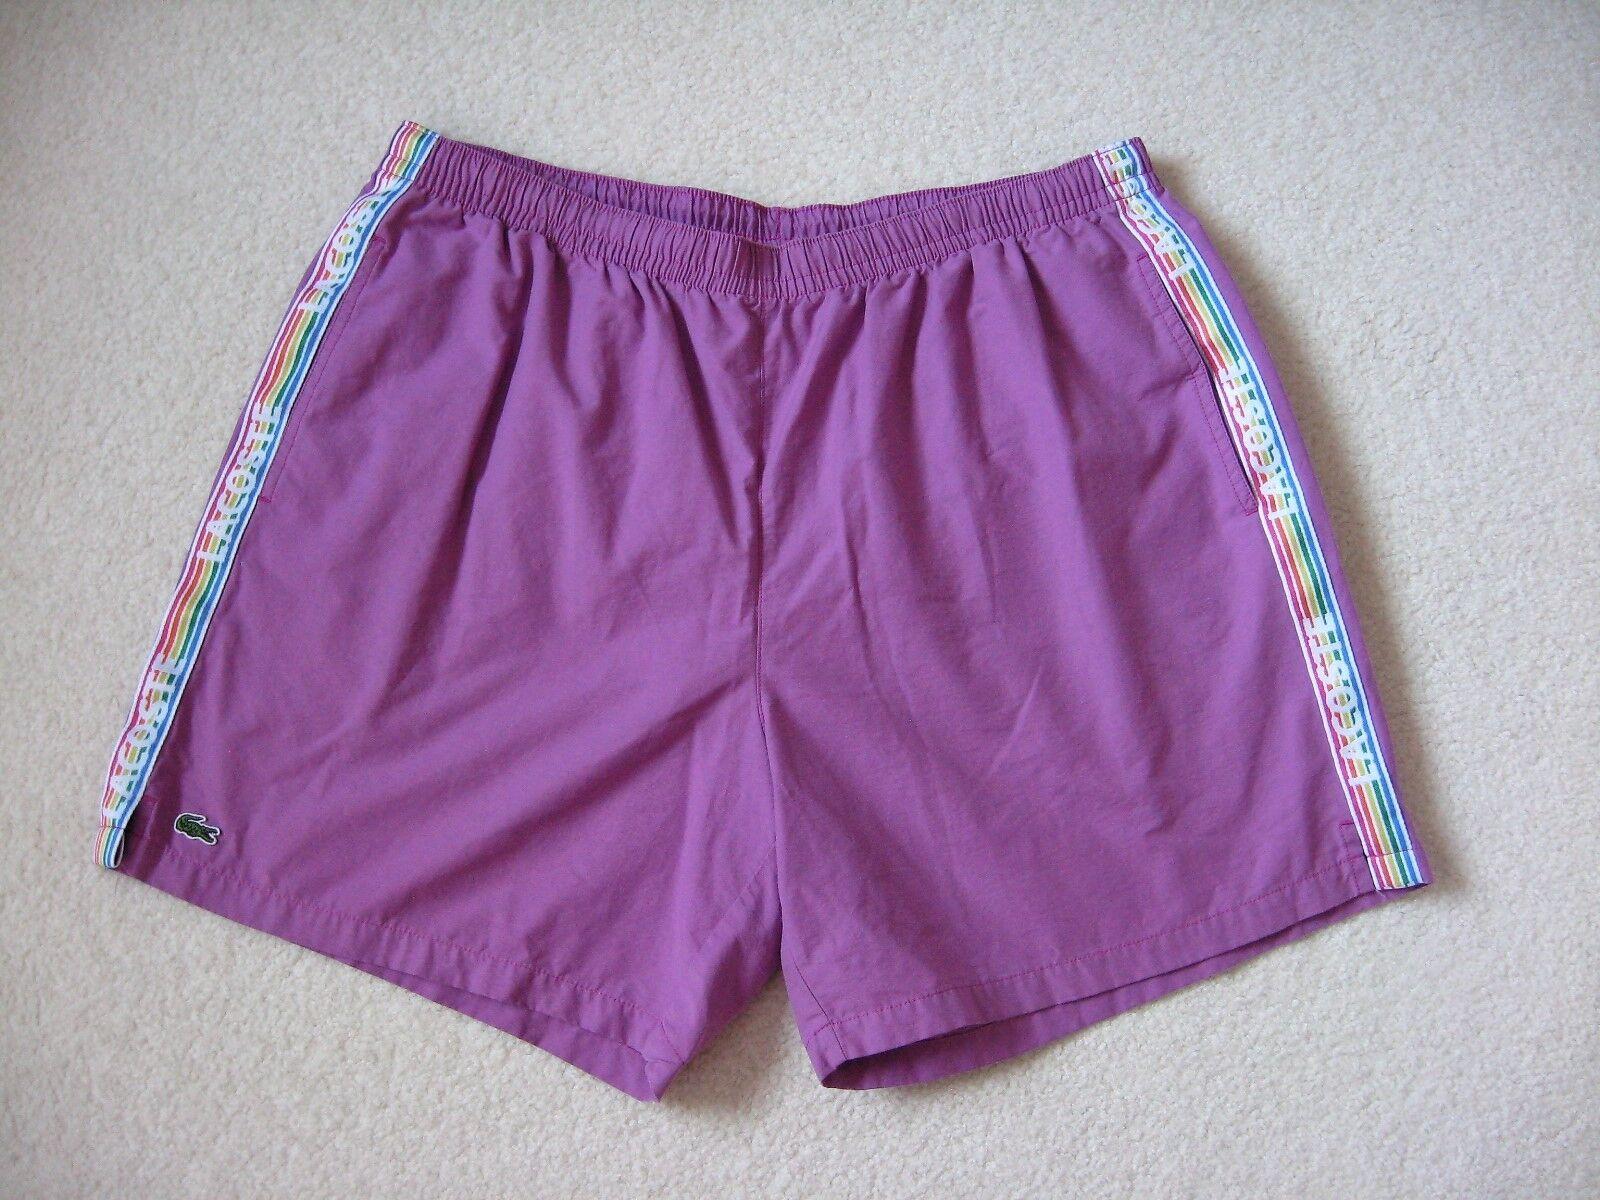 LACOSTE Men's Swim Trunk color Lavender Purple Size XL Cotton Blend